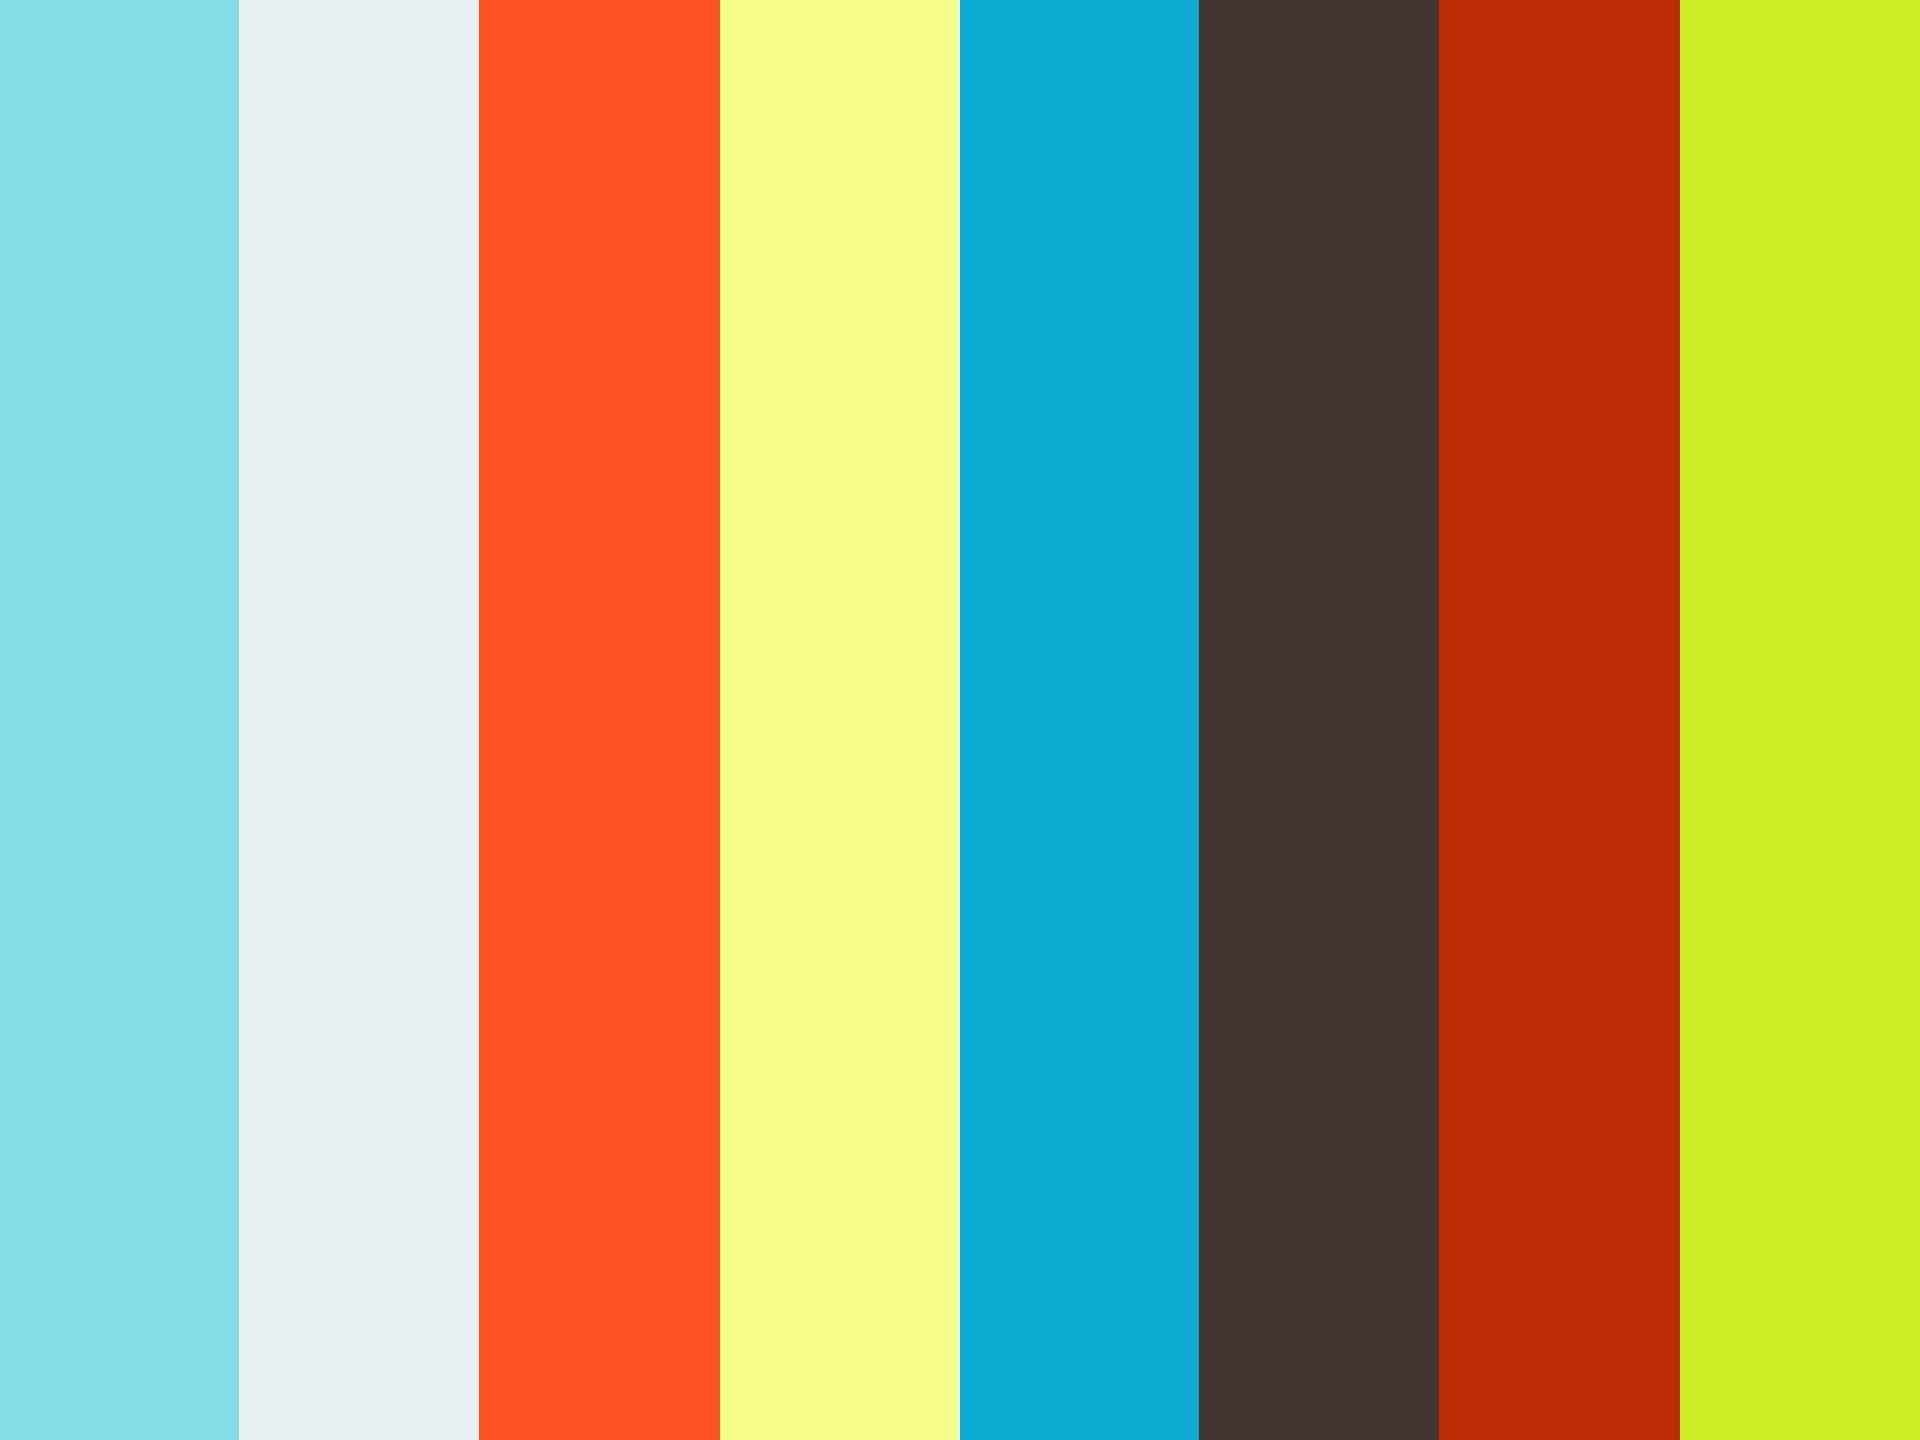 <span class=&quot;slidertitle largescreen&quot; style=&quot;color: #ffffff&quot;>FAMILY</span> <span class=&quot;slidertitle smallscreen&quot; style=&quot;color: #ffffff&quot;>WATCH VIDEO</span>